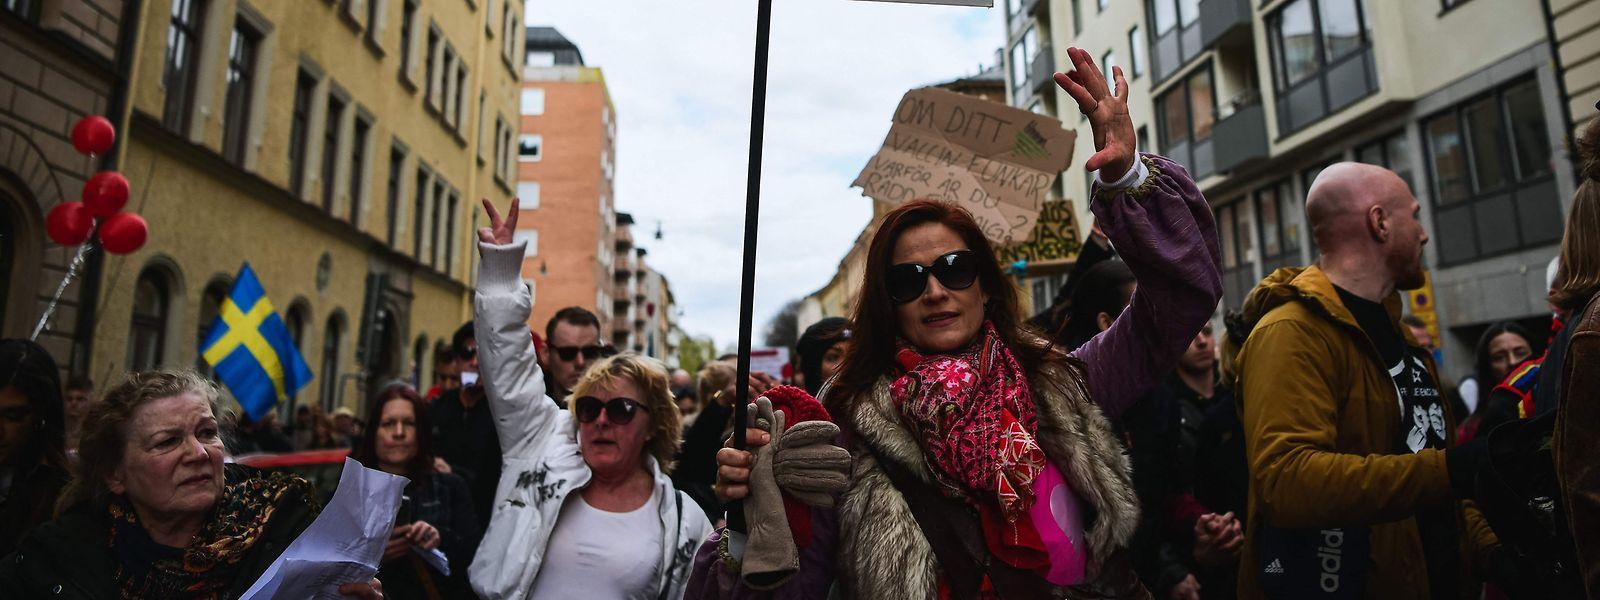 Am 1. Mai gingen Gegner der Corona-Maßnahmen trotz steigender Infektionszahlen in der Hauptstadt Stockholm auf die Straße – ohne Masken und gebotenem Sicherheitsabstand.